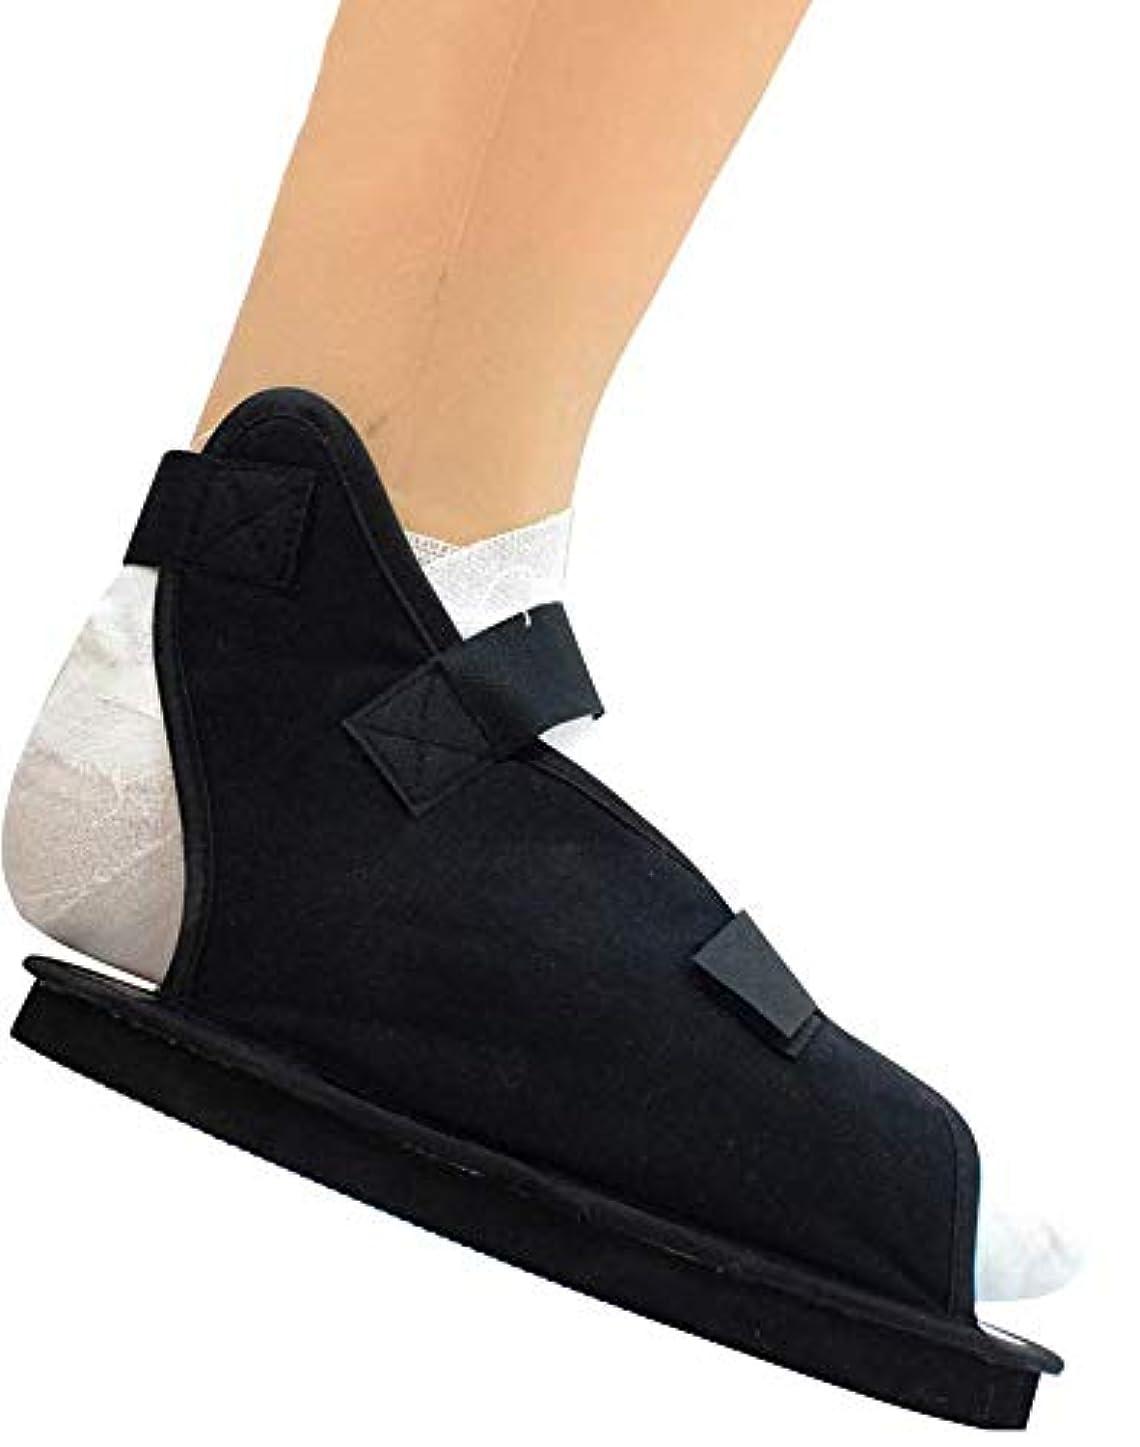 悪質な減衰ストレス骨折したつま先/足の骨折のための術後靴 - 男性と女性のための医療/外科用ウォーキングシューズキャストブーツ - /調整可能ストラップ付き整形外科サンダル,XL